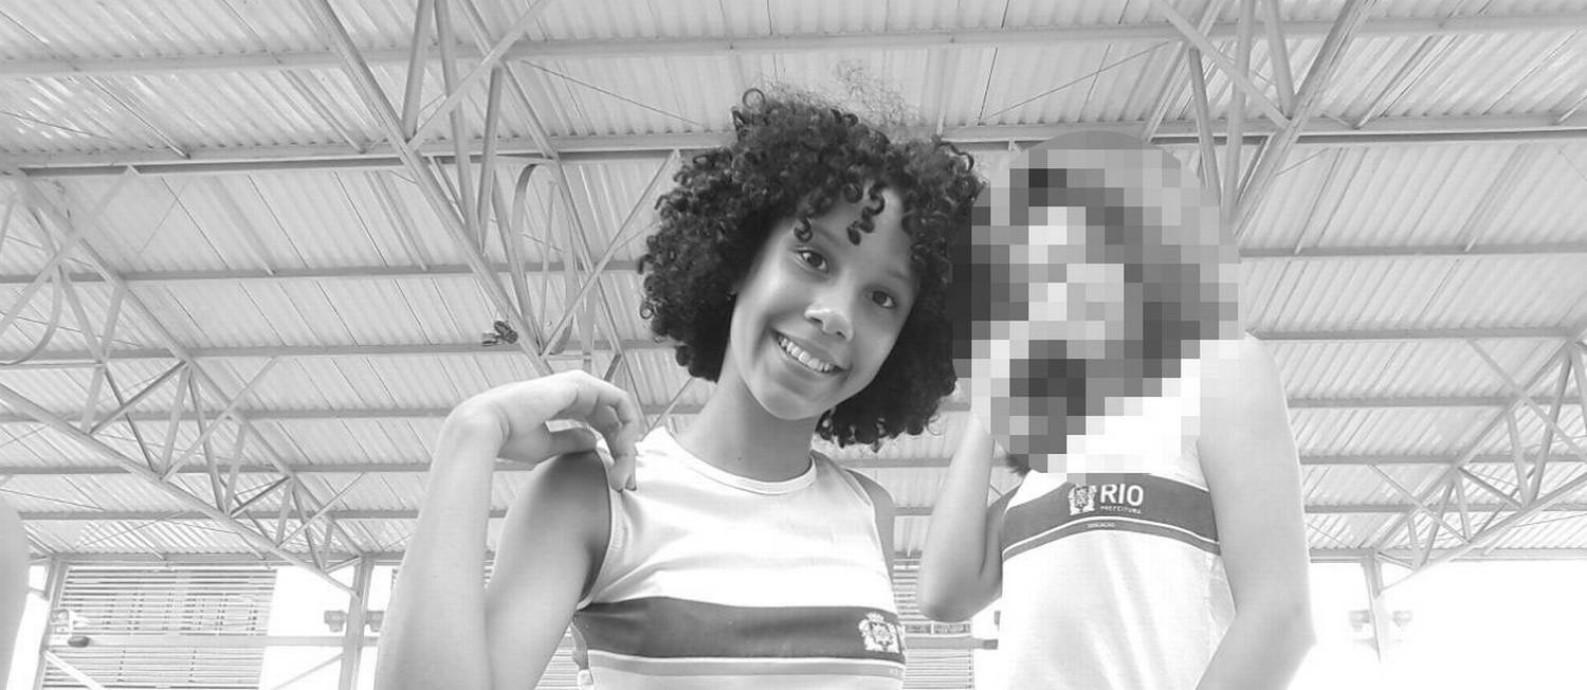 Maria Eduarda, de 13 anos, foi morta após ser baleada dentro de uma escola municipal Foto: Reprodução